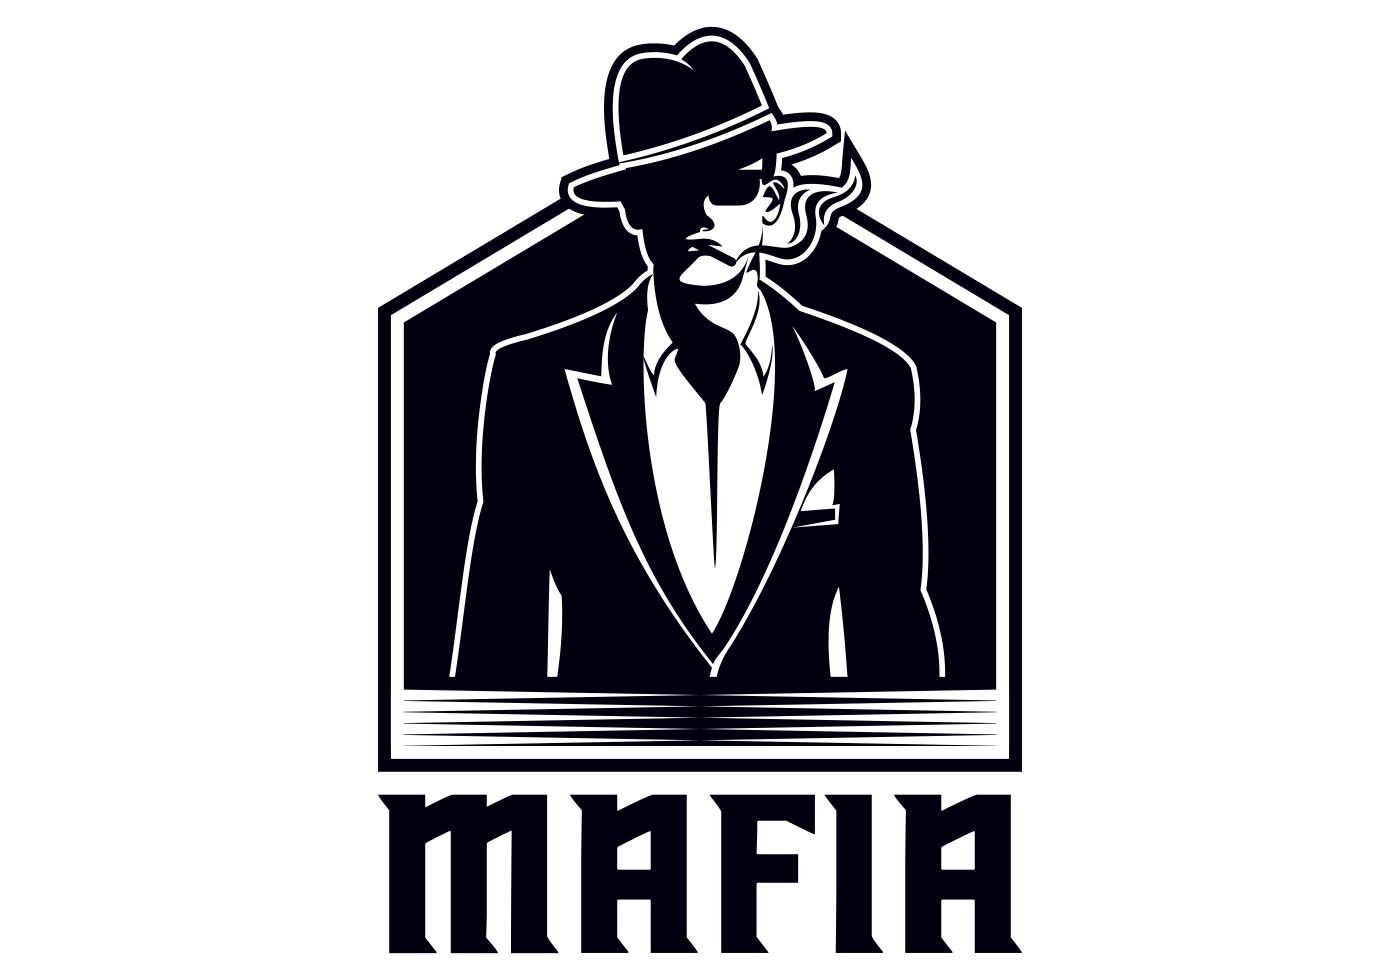 mafia-vector-illustration.jpg